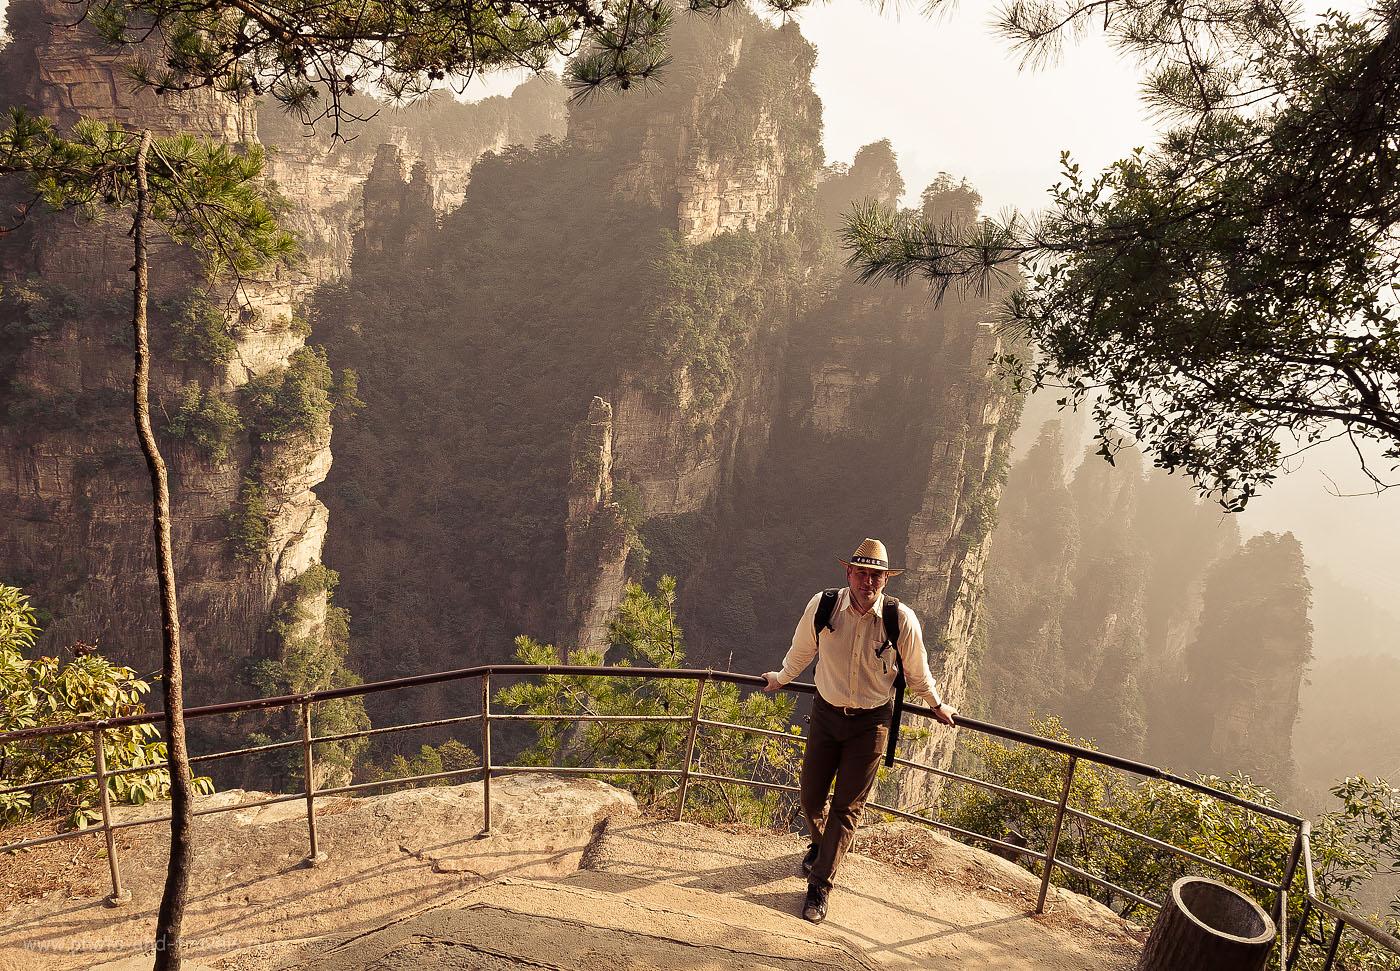 Фото 2. Туры в Китай. Отзывы туристов. Поездка в природный парк Чжанцзяцзе. Там в китайских далях